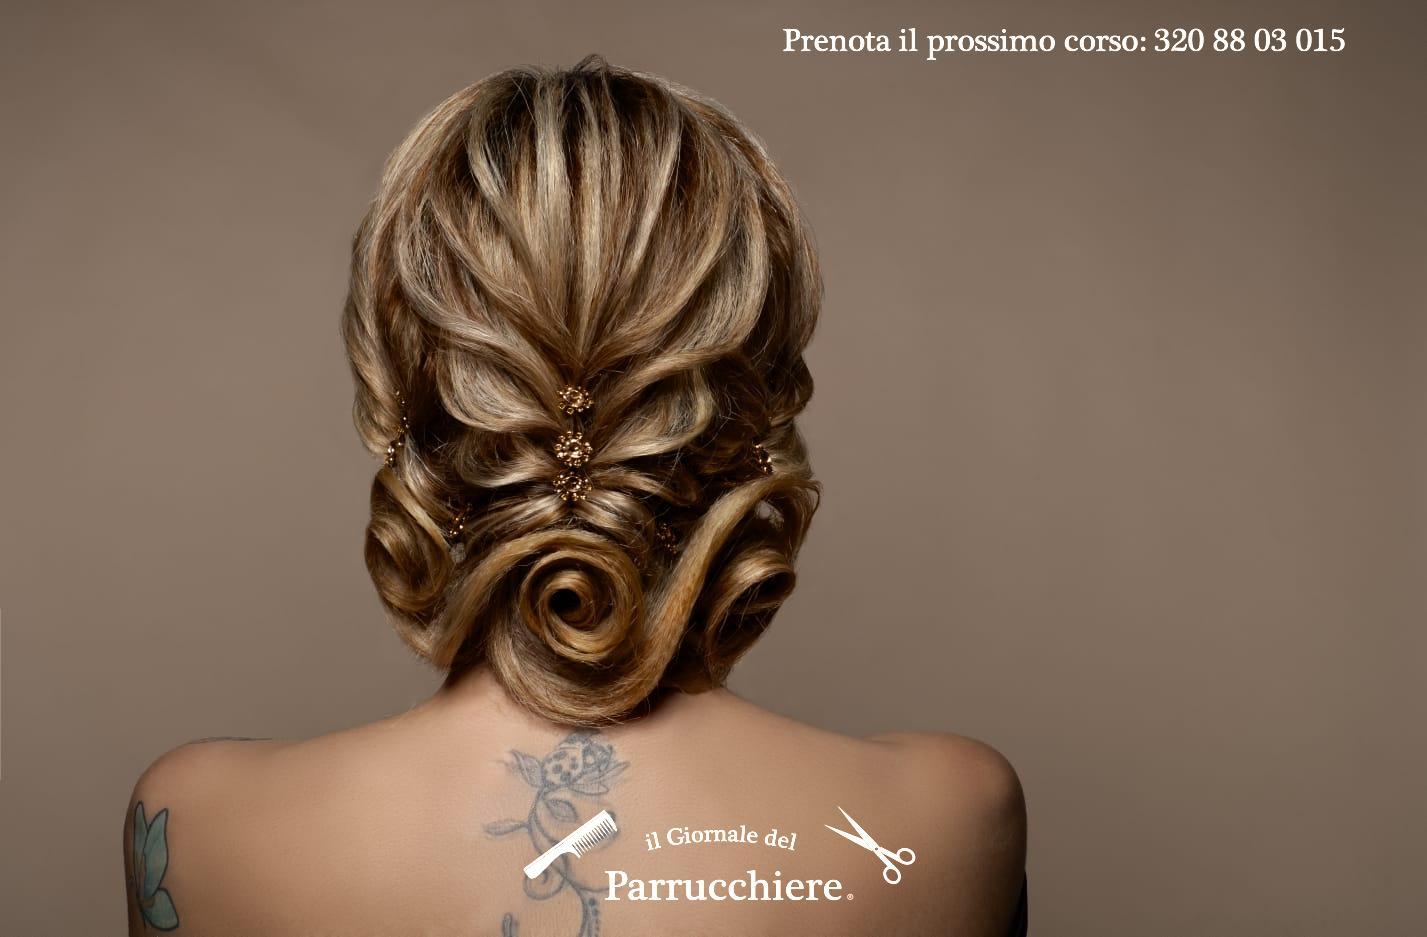 Corso Acconciature Sposa, Brindisi, il Giornale del Parrucchiere